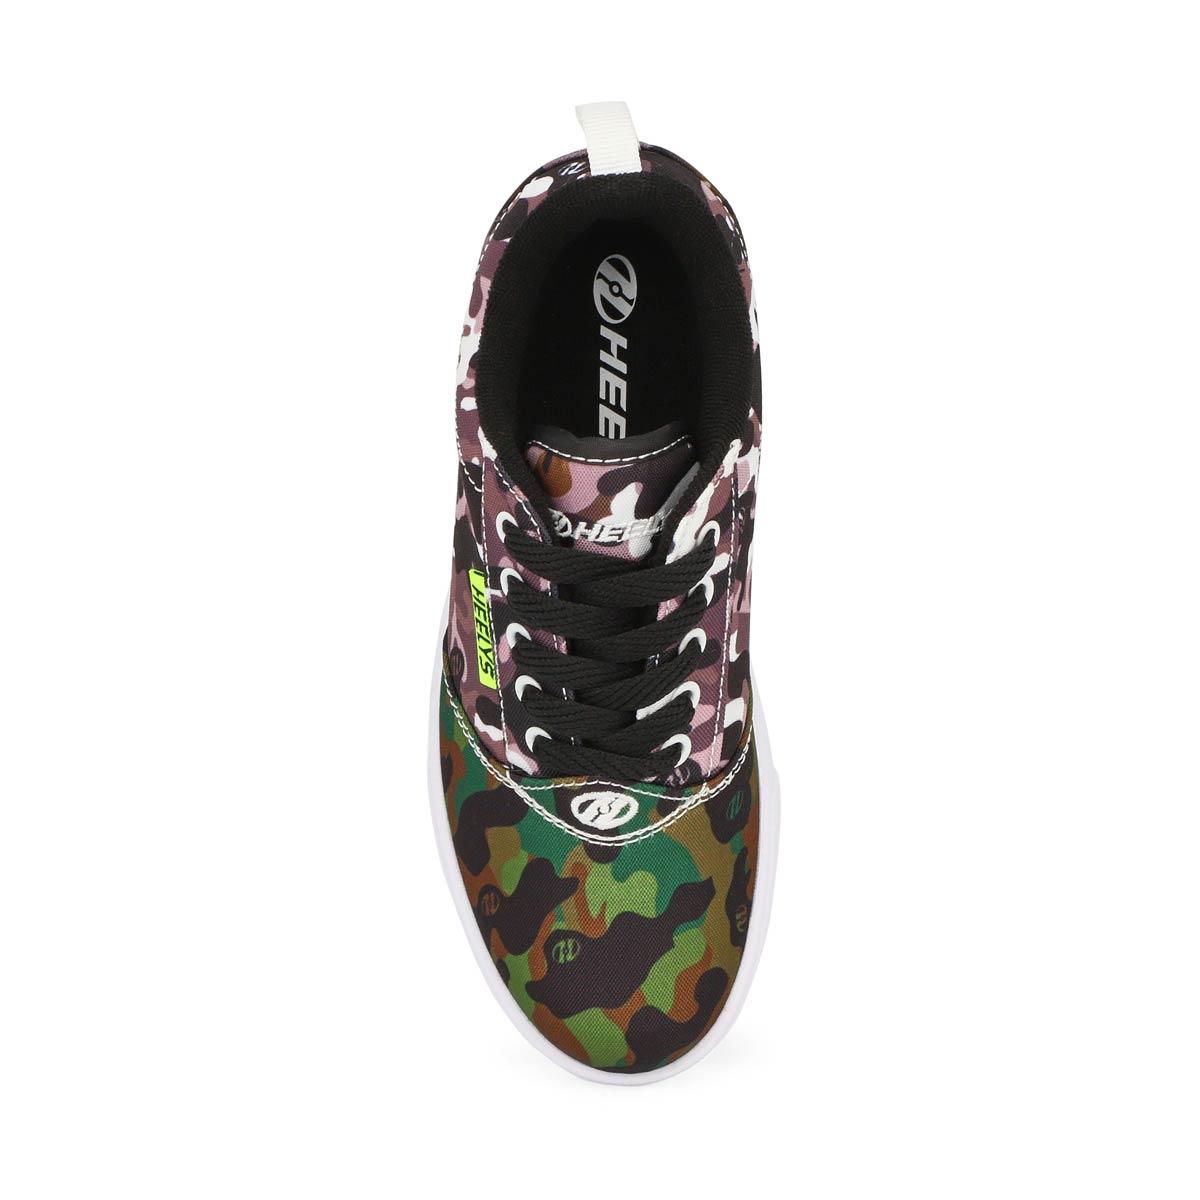 Chaussure à roulette Pro 20, garçons - Noir/Blanc